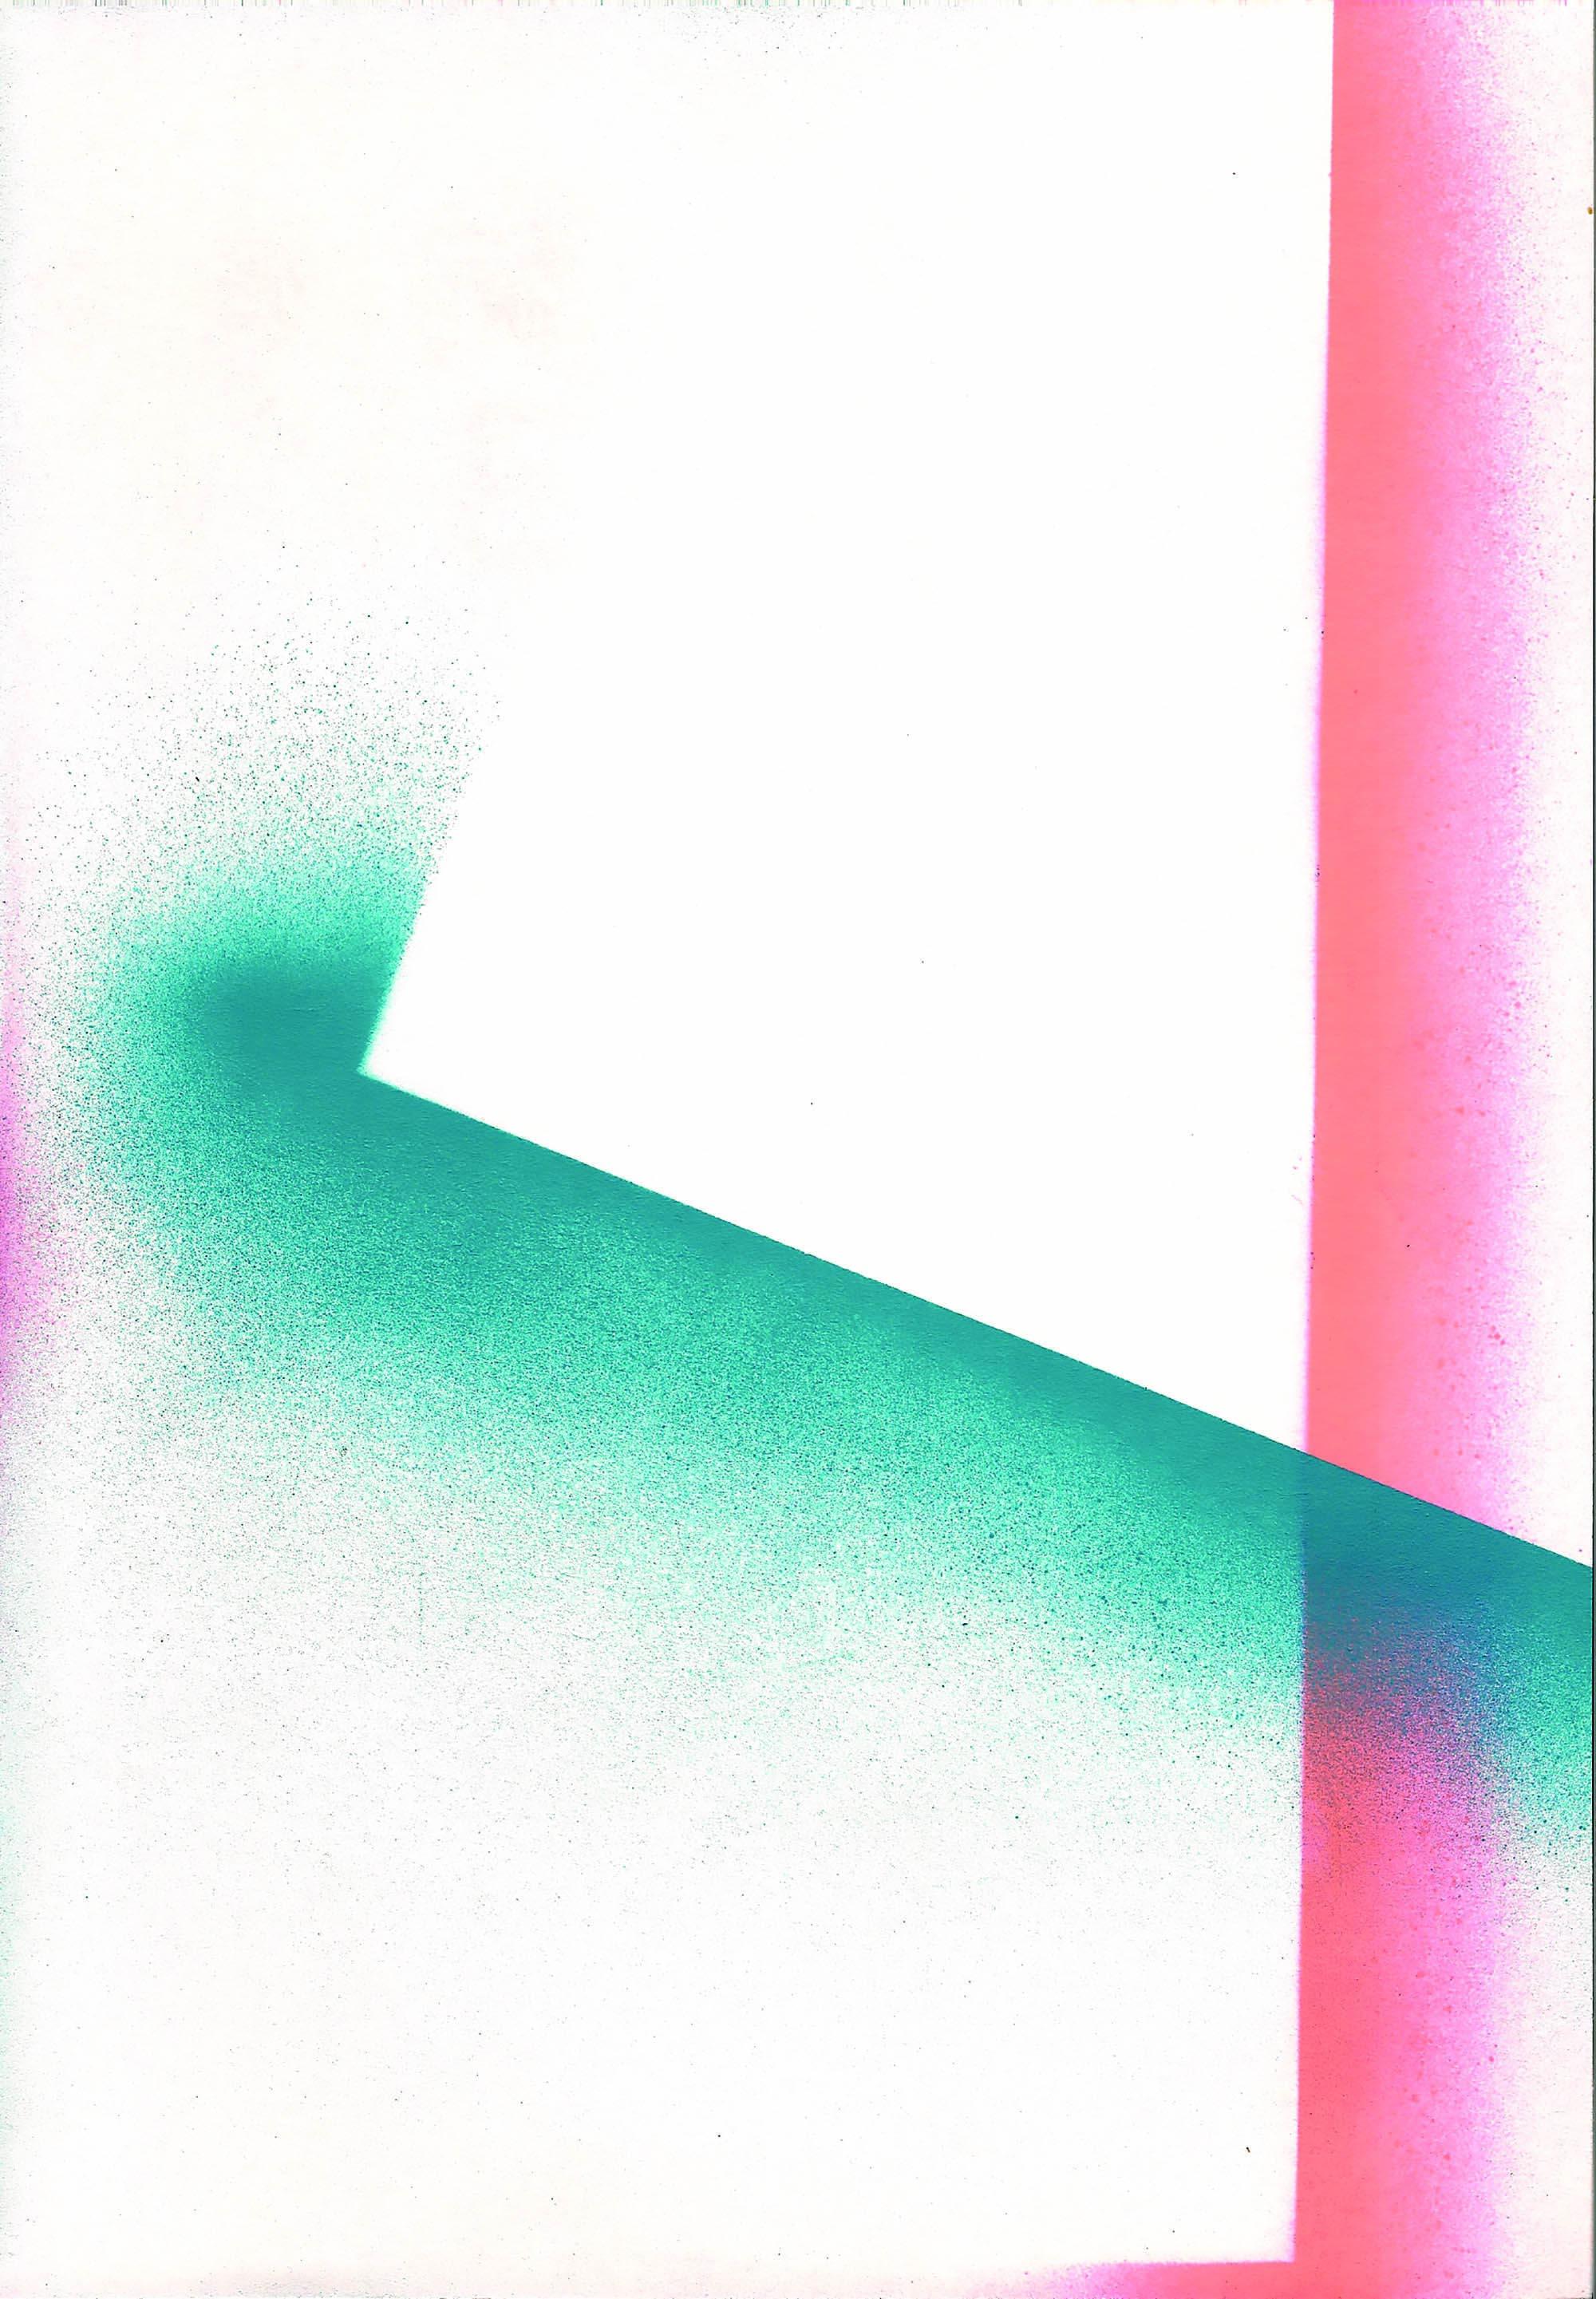 AFFICHE-POSTER-CREATION-GRAPHIQUE-ART-VISUEL-ABSTRAIT-LIGNE-PROJET